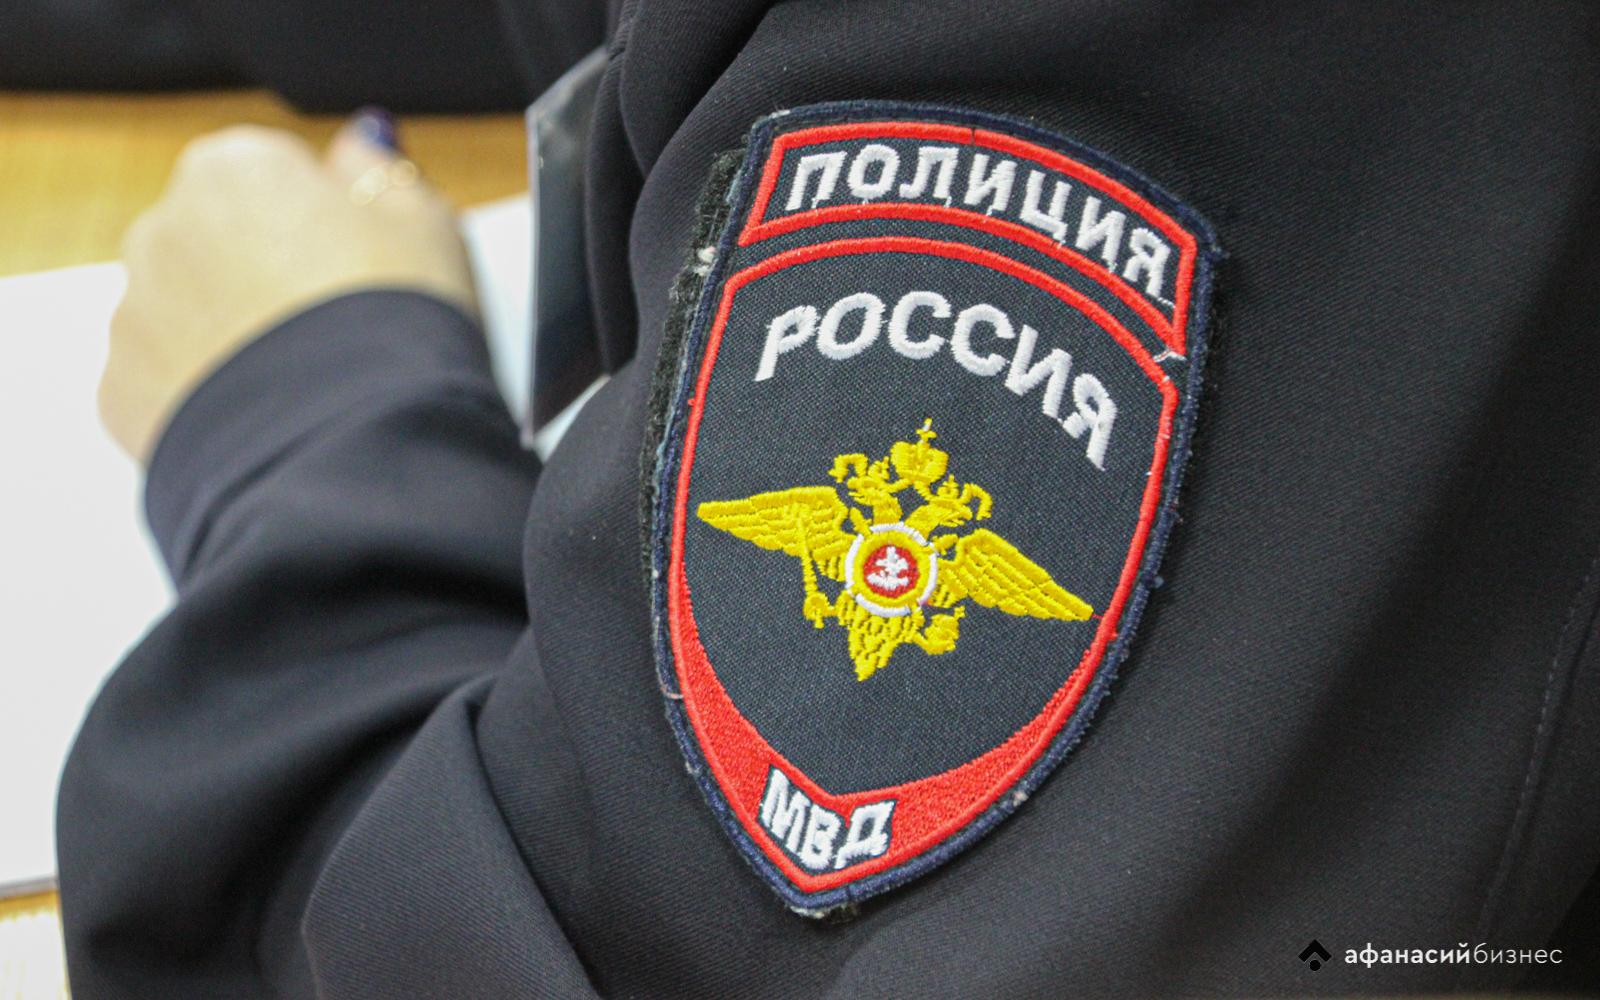 19-летний мошенник из Удомли выманил деньги у жителя Томской области - новости Афанасий